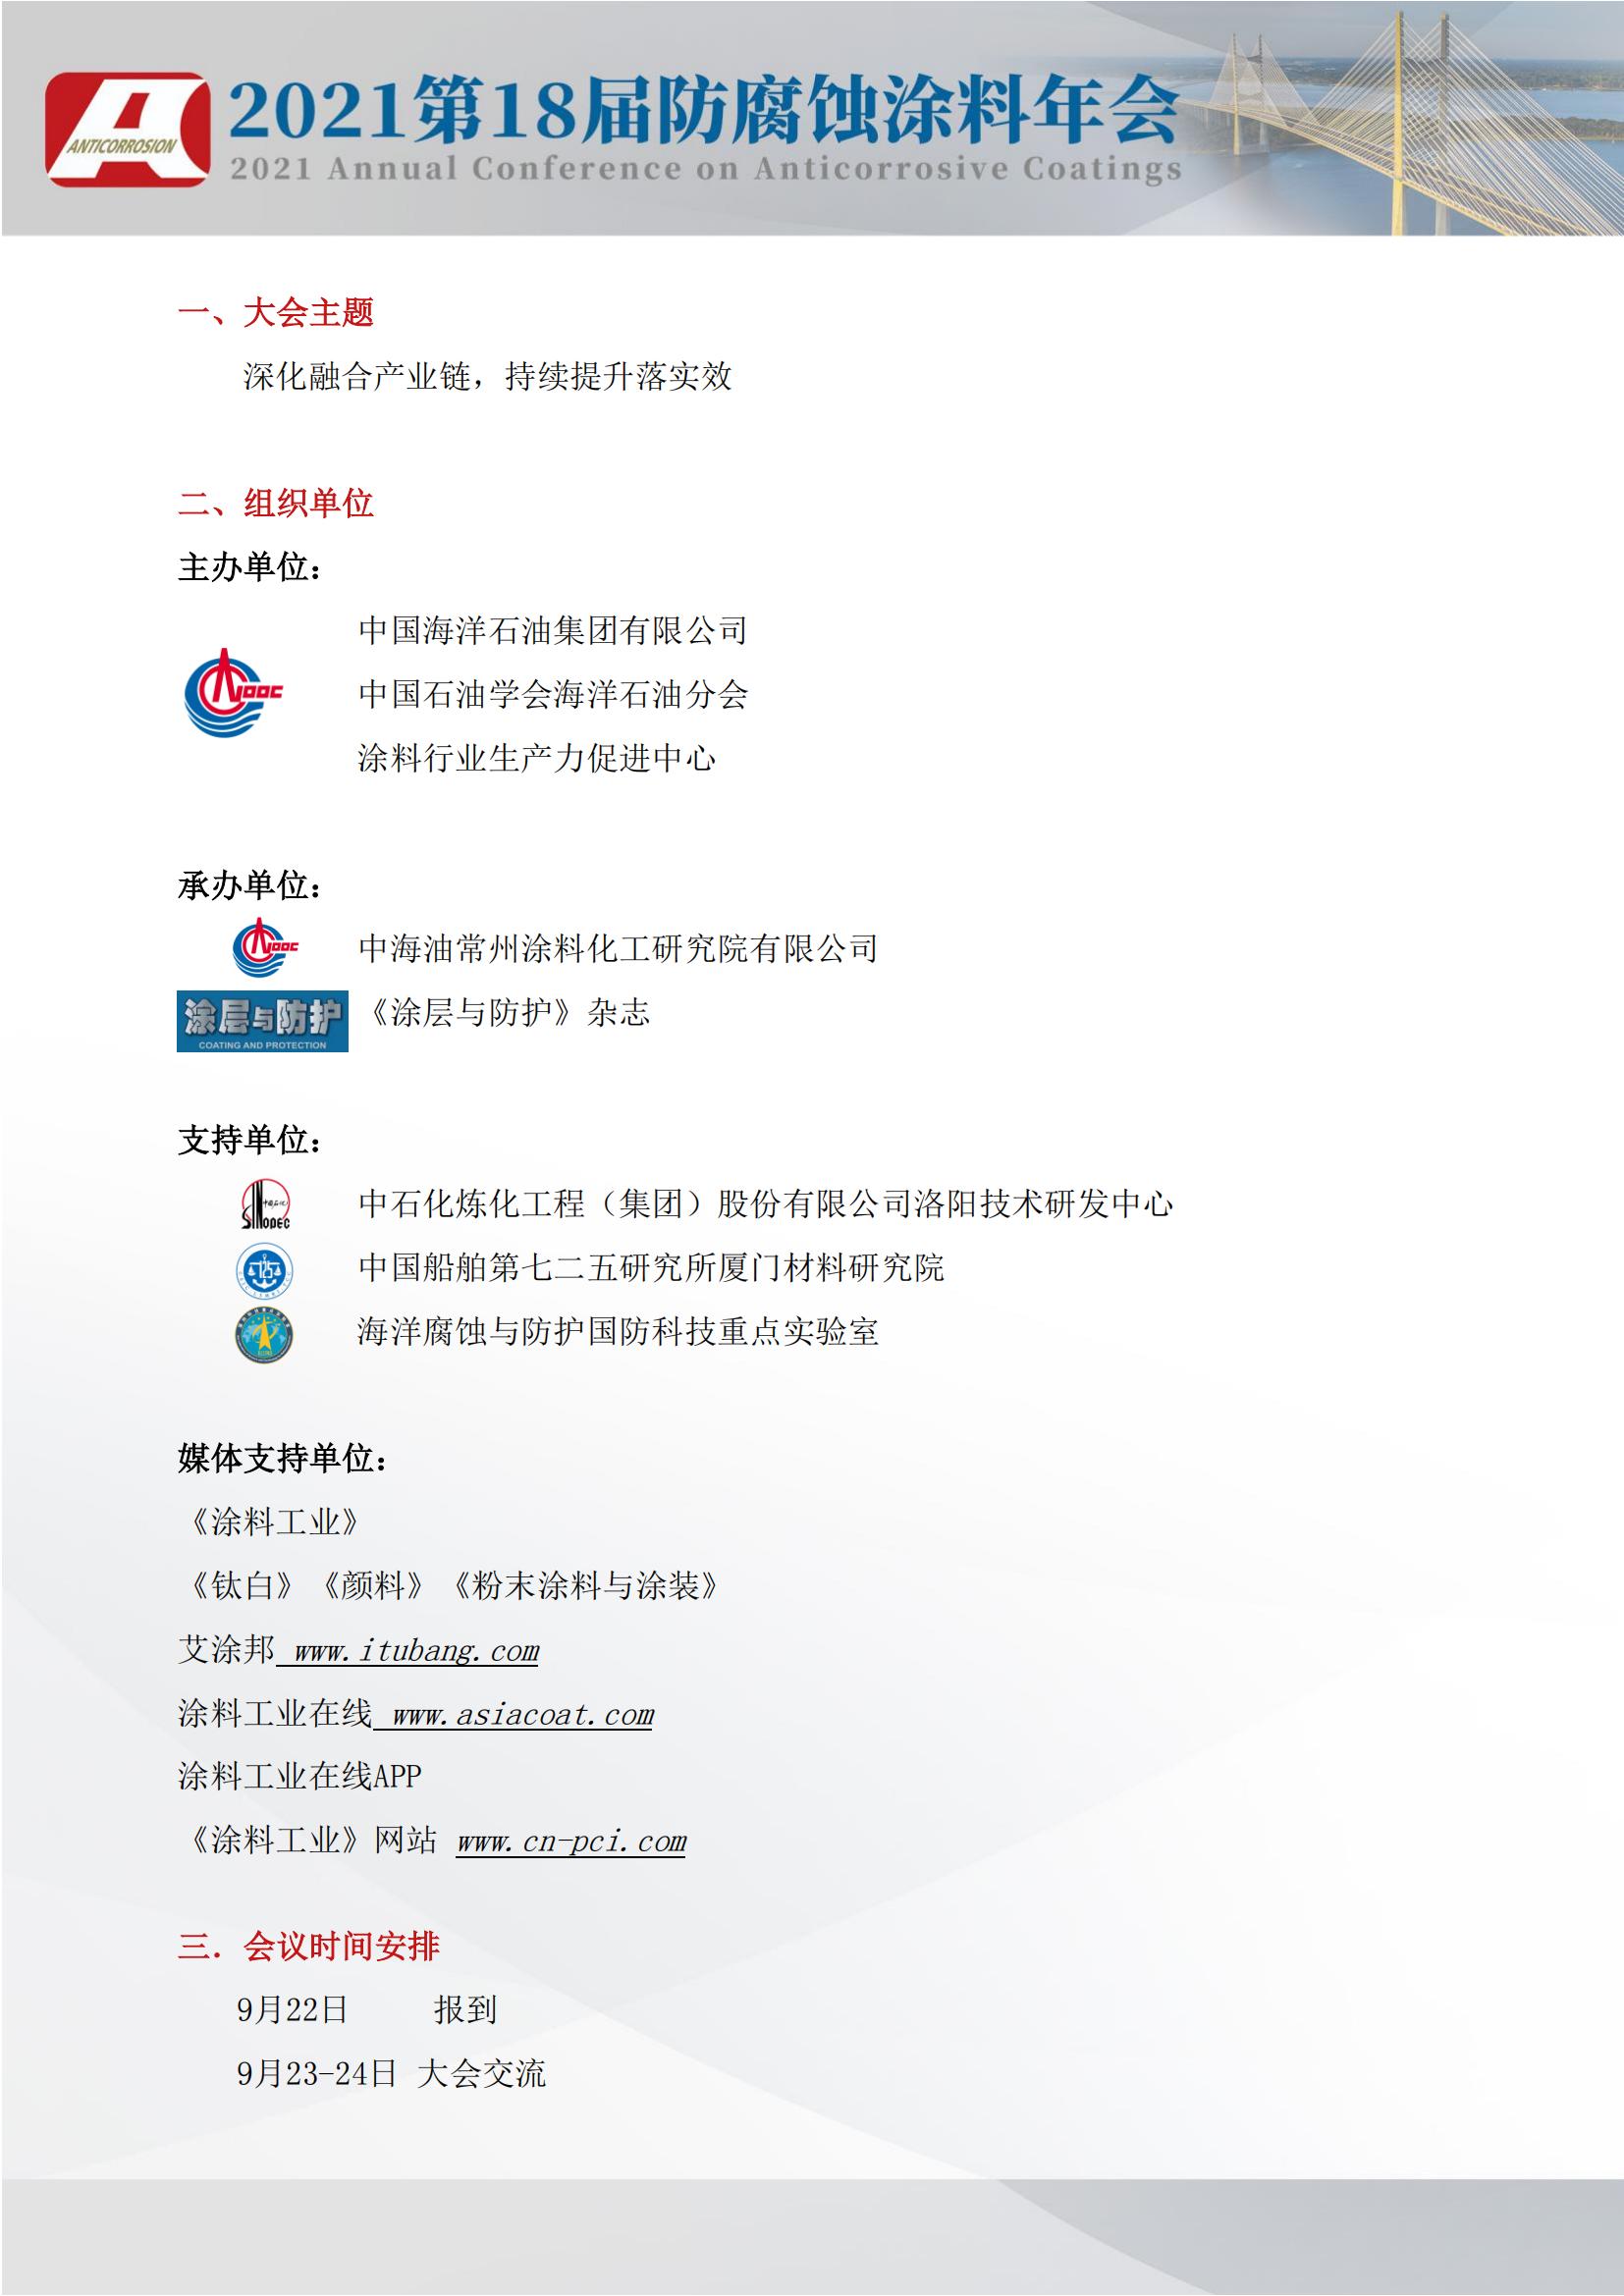 """(无章)关于召开""""2021第18届防腐蚀涂料年会""""的通知-普通版_01.png"""